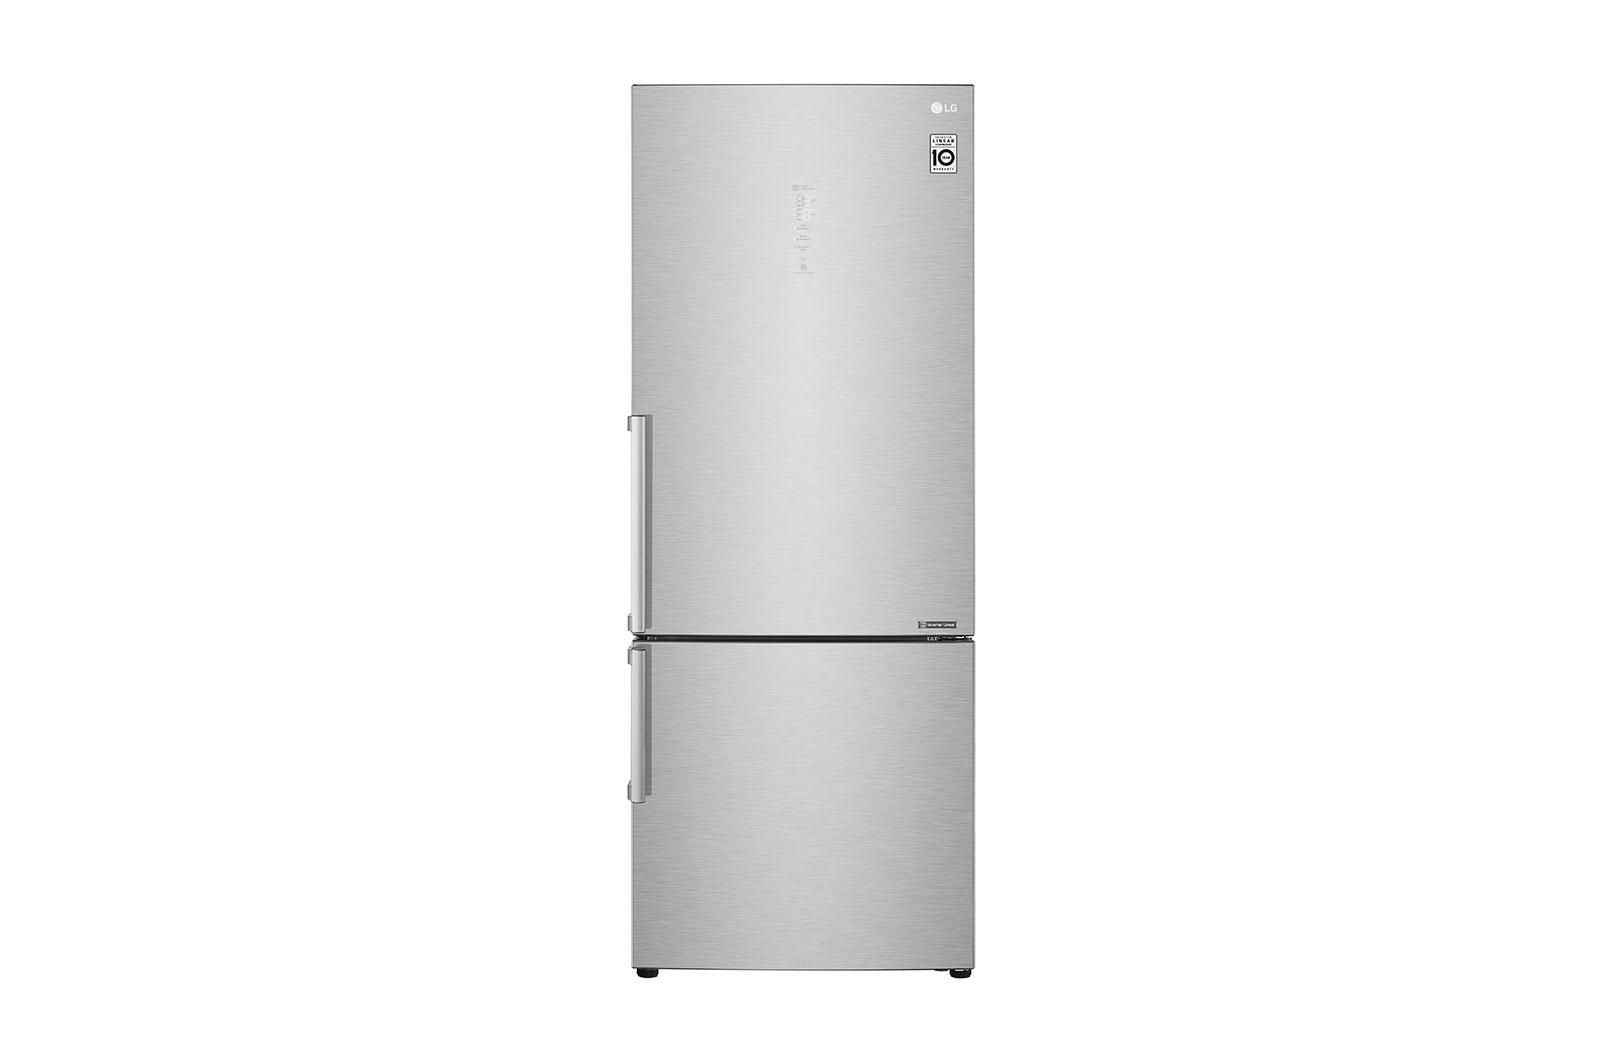 Δύπορτο Ψυγείο LG  A+++ - GBB569NSAFB main image